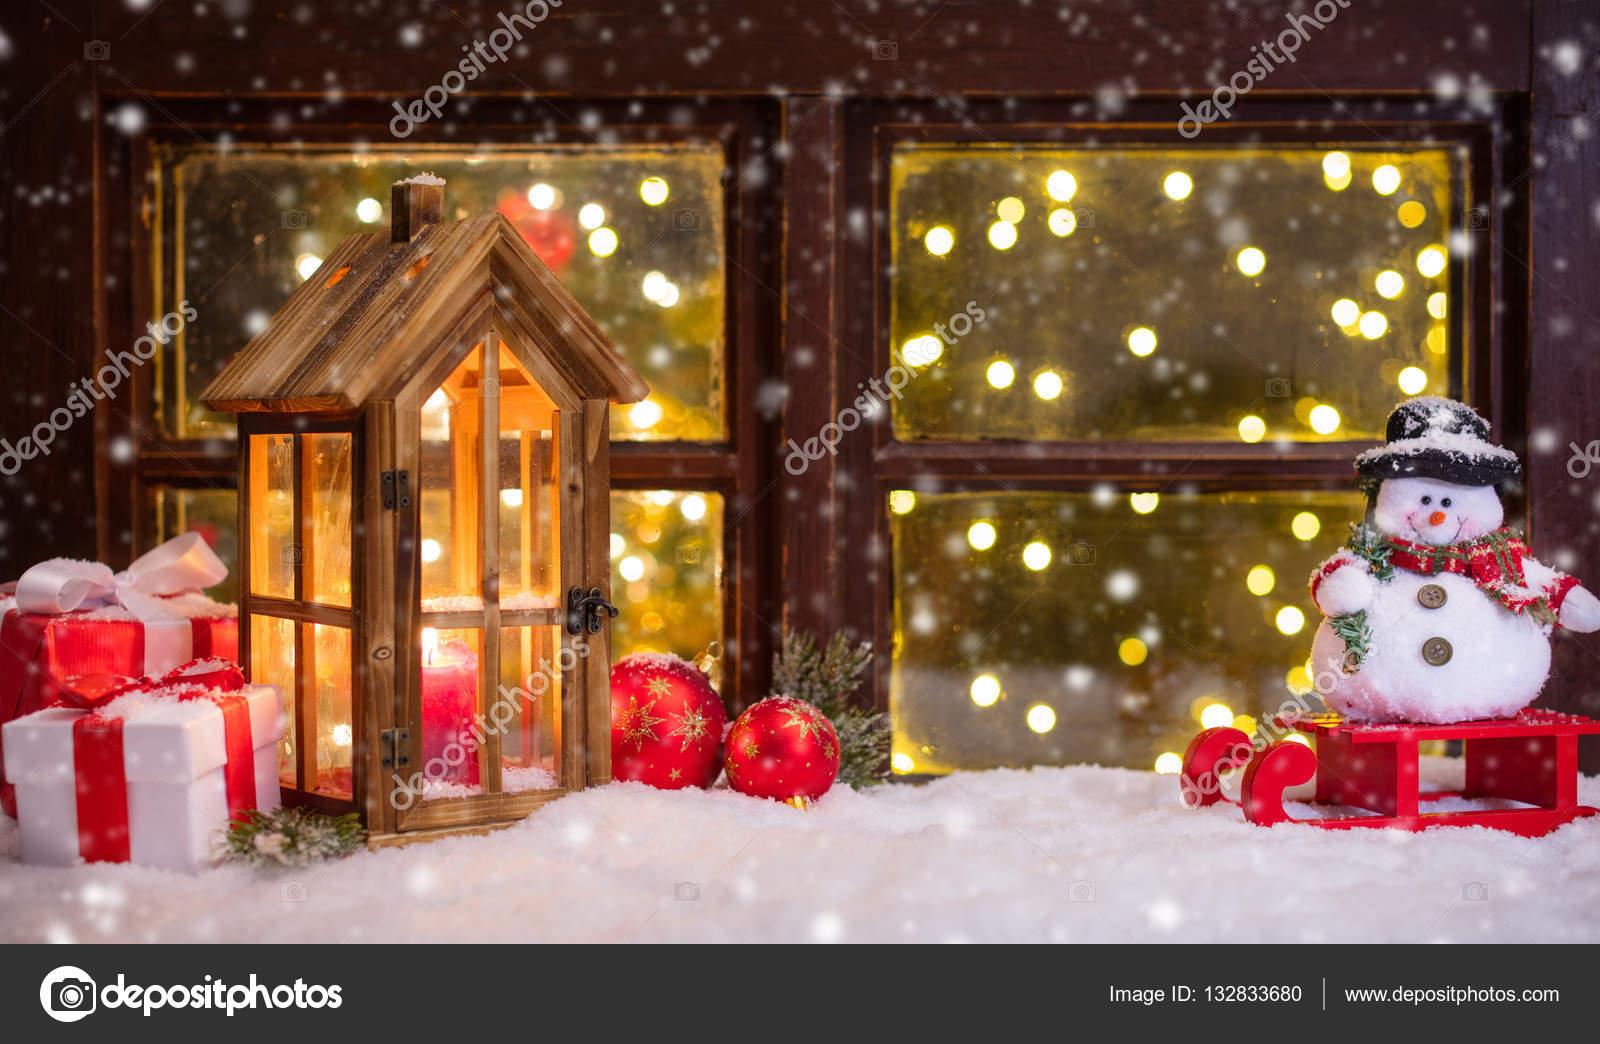 https://st3.depositphotos.com/1105977/13283/i/1600/depositphotos_132833680-stockafbeelding-sfeervolle-kerst-vensterbank-met-decoratie.jpg